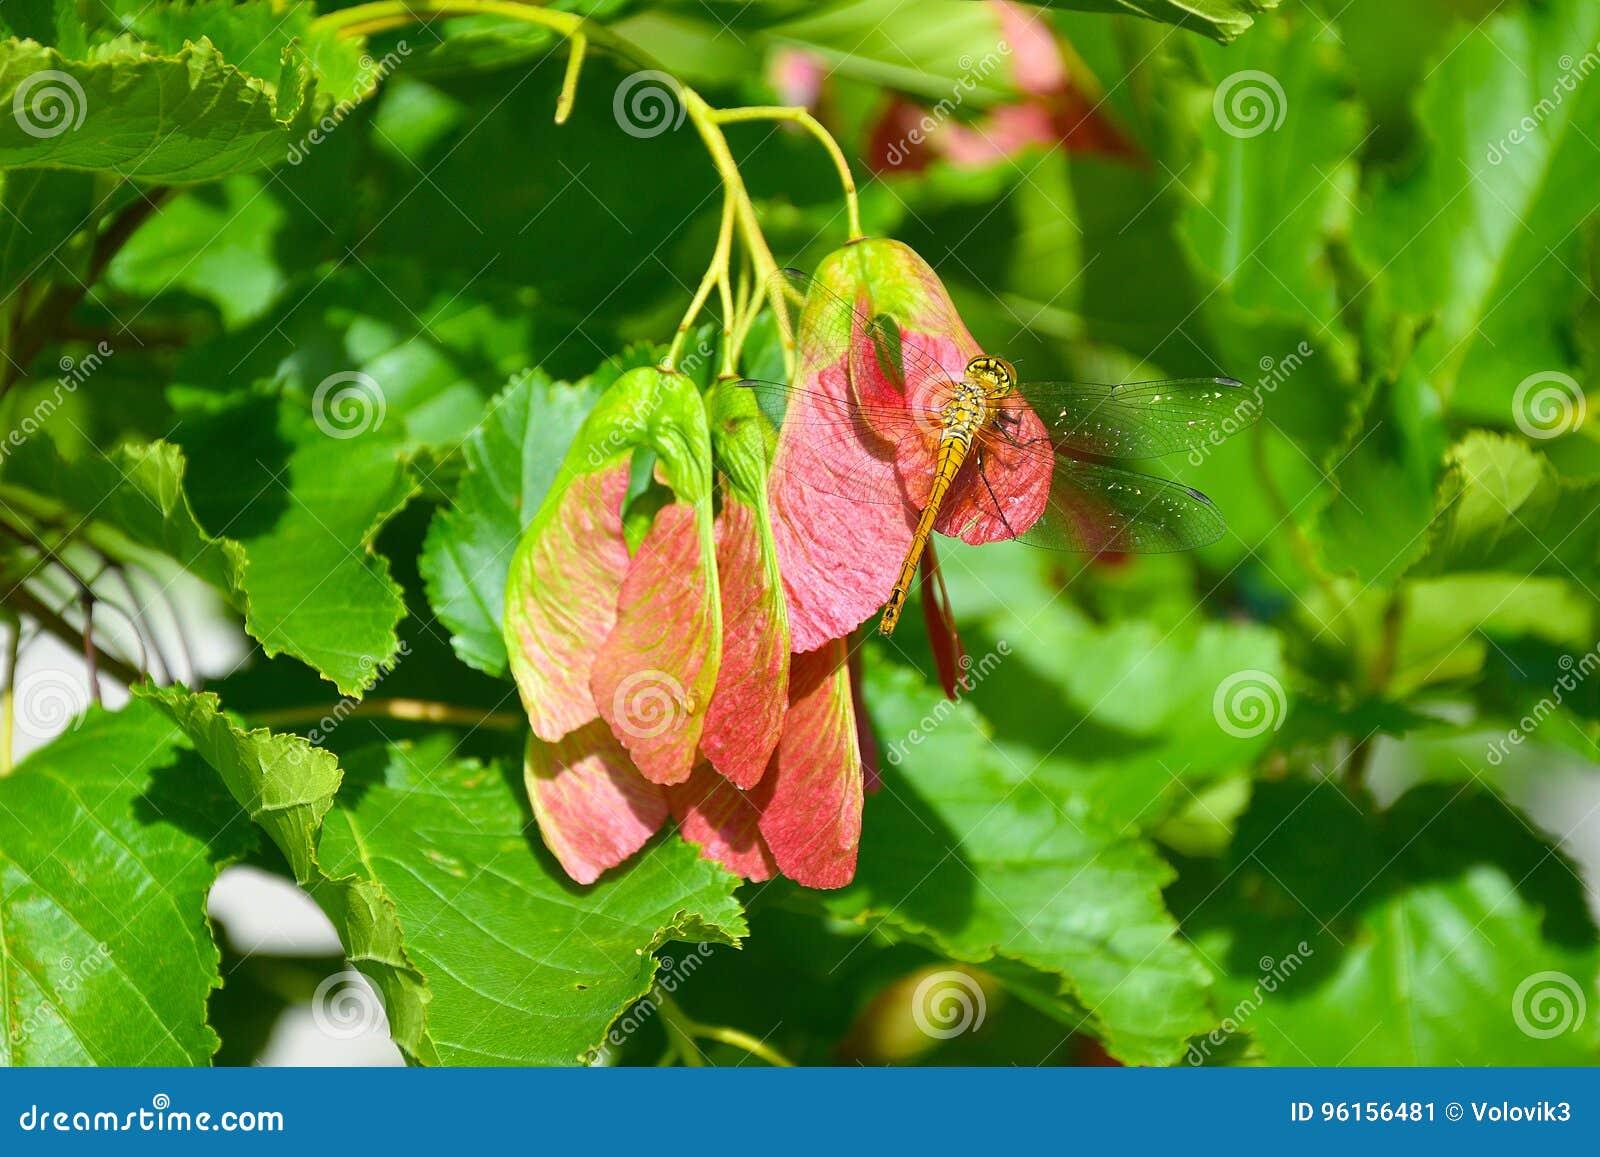 蜻蜓坐红槭种子